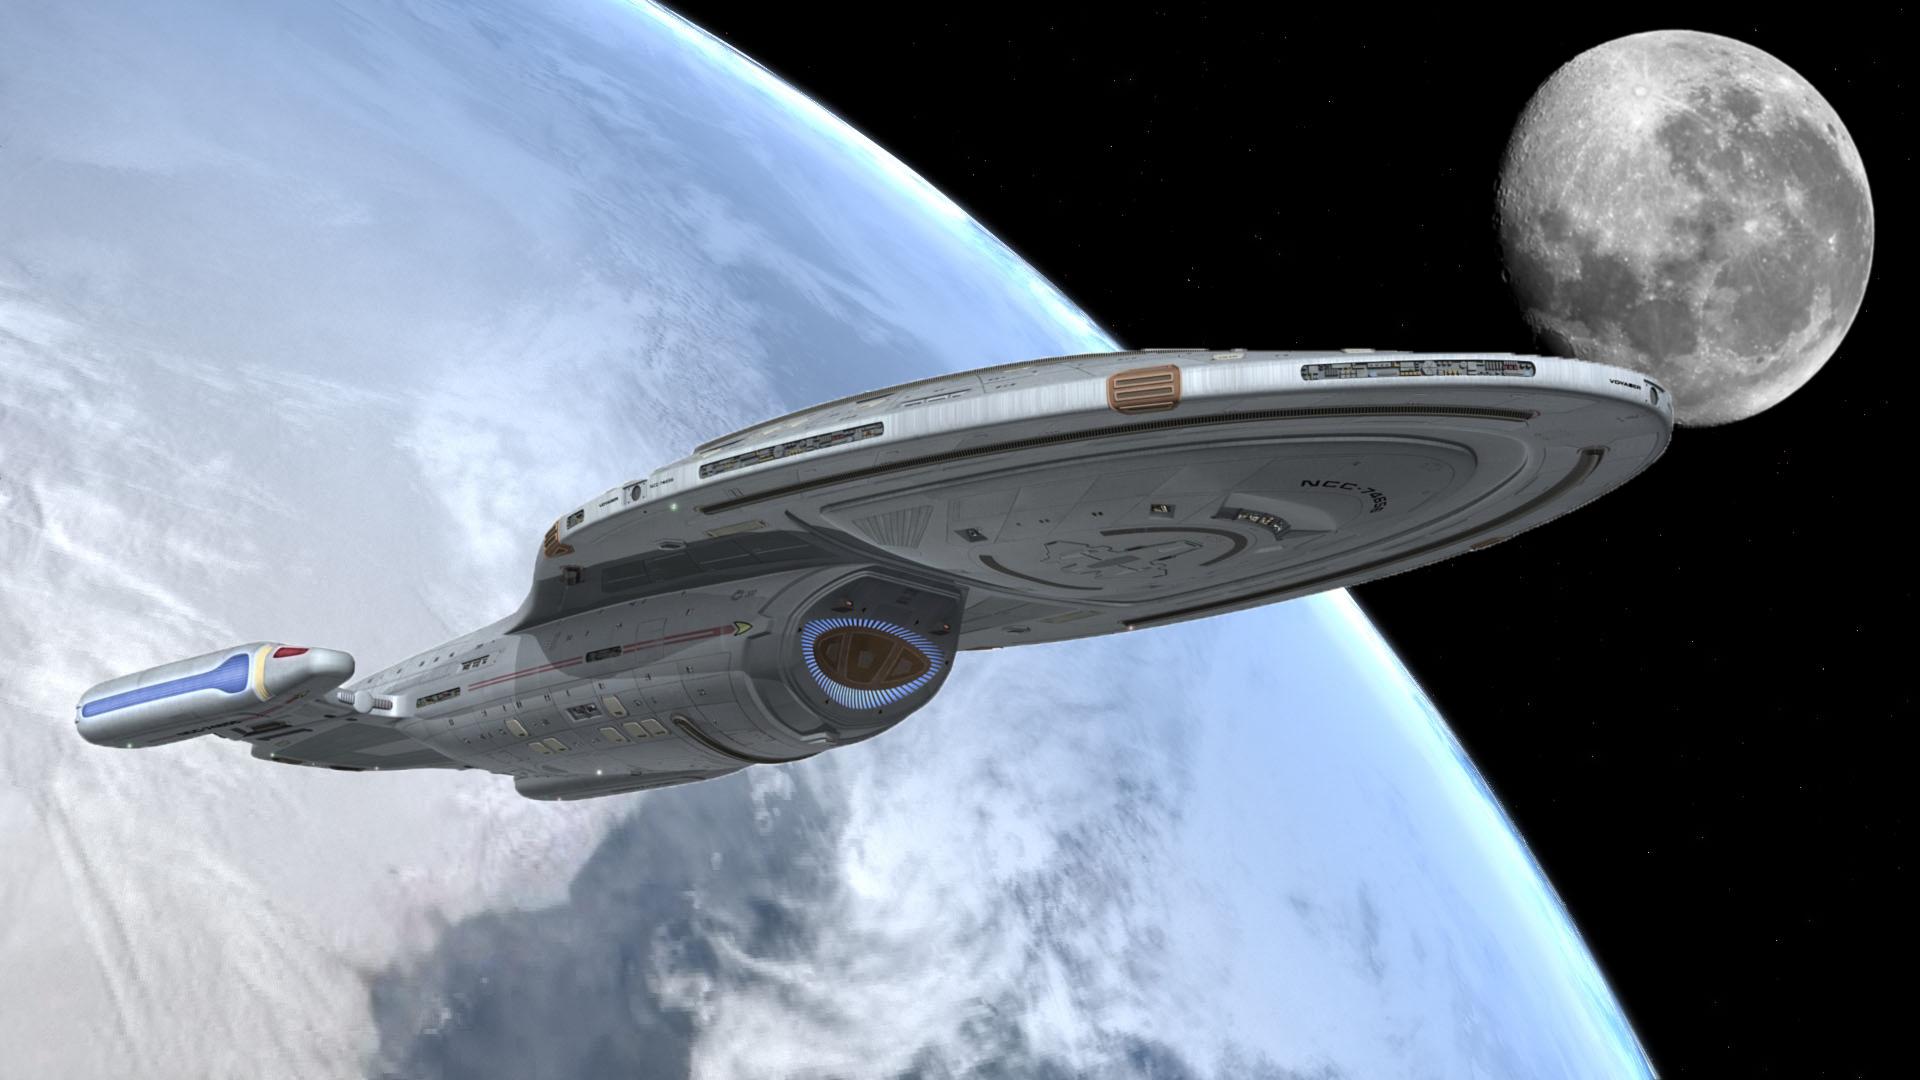 Oculus Rift Y Un Paseo Al Interior De La Uss Voyager De Star